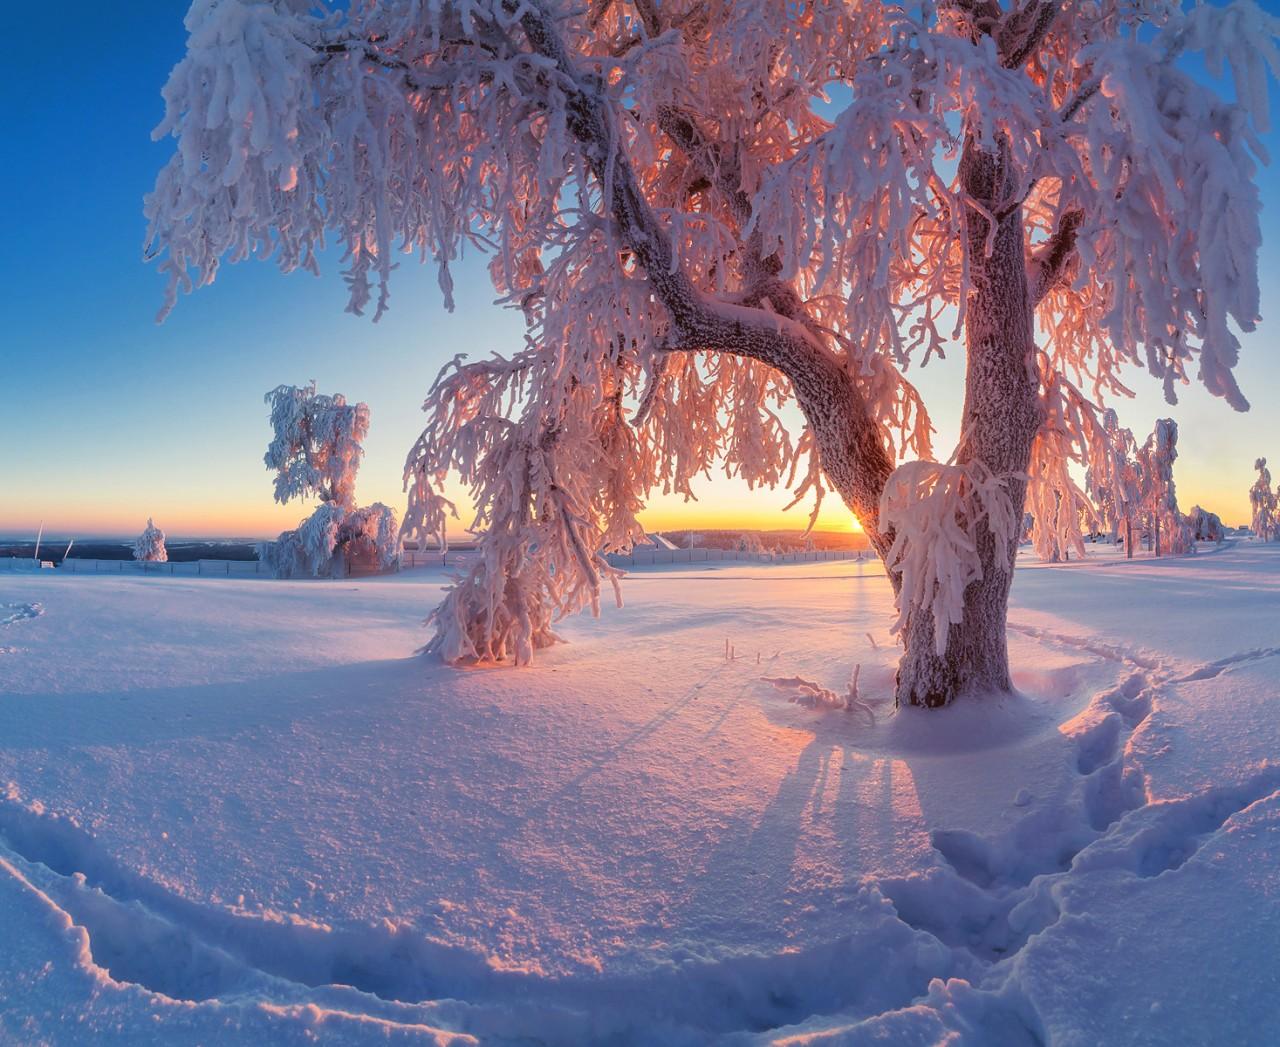 картинки красота русской зимы что она послужит